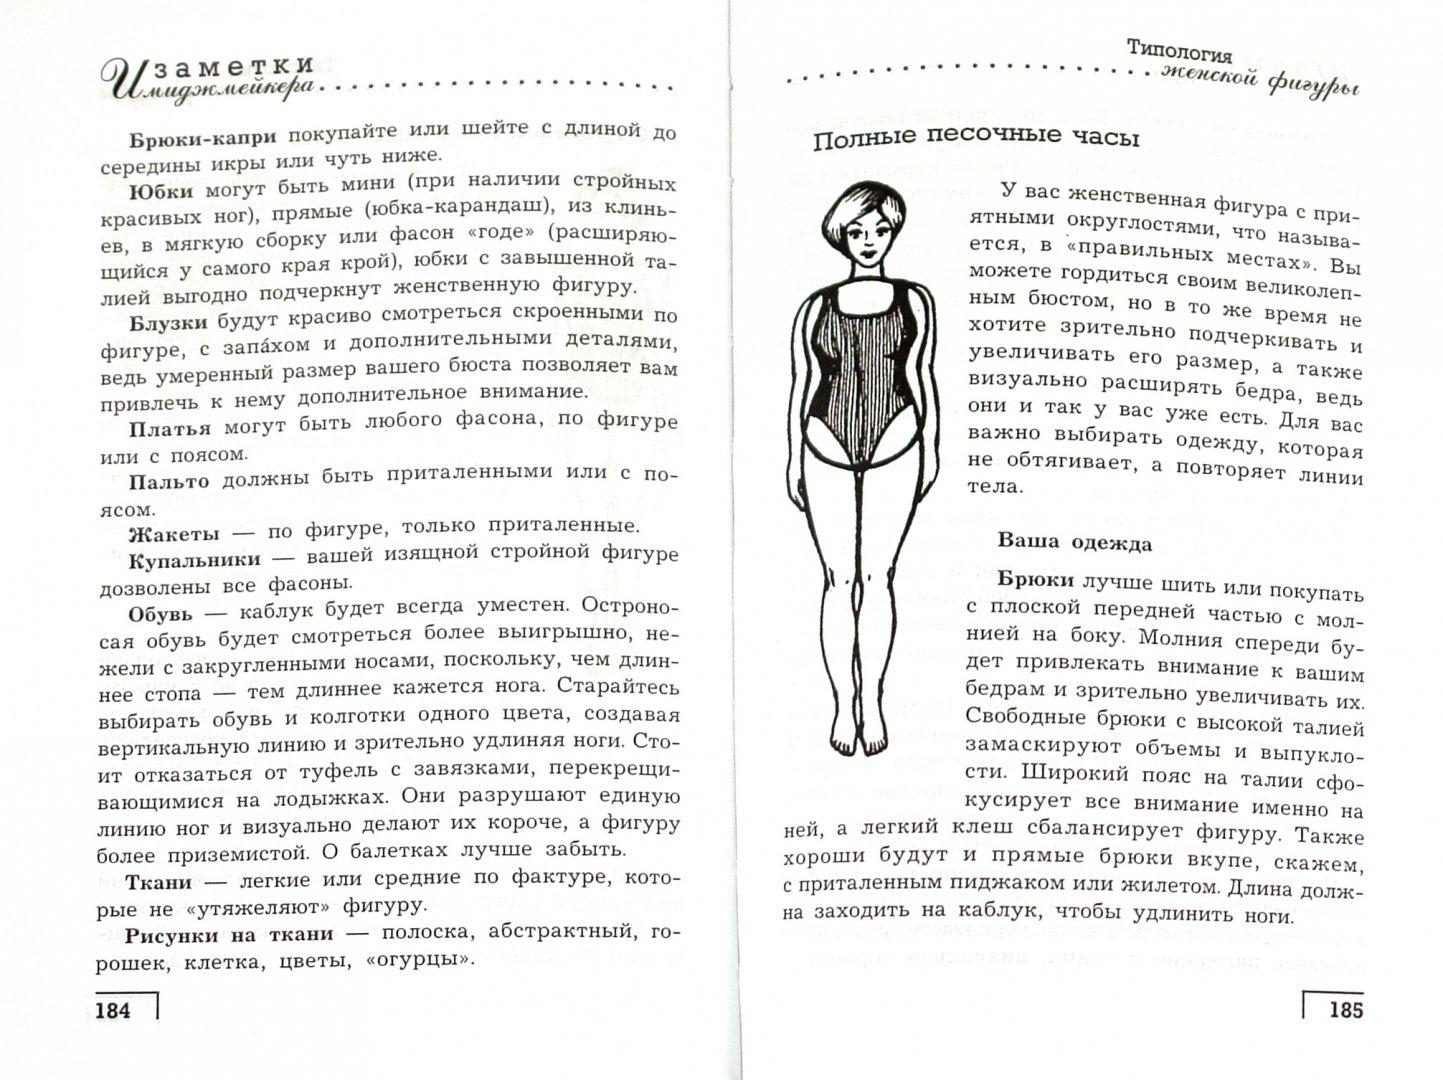 Иллюстрация 1 из 4 для Заметки имиджмейкера - Мария Дегг | Лабиринт - книги. Источник: Лабиринт